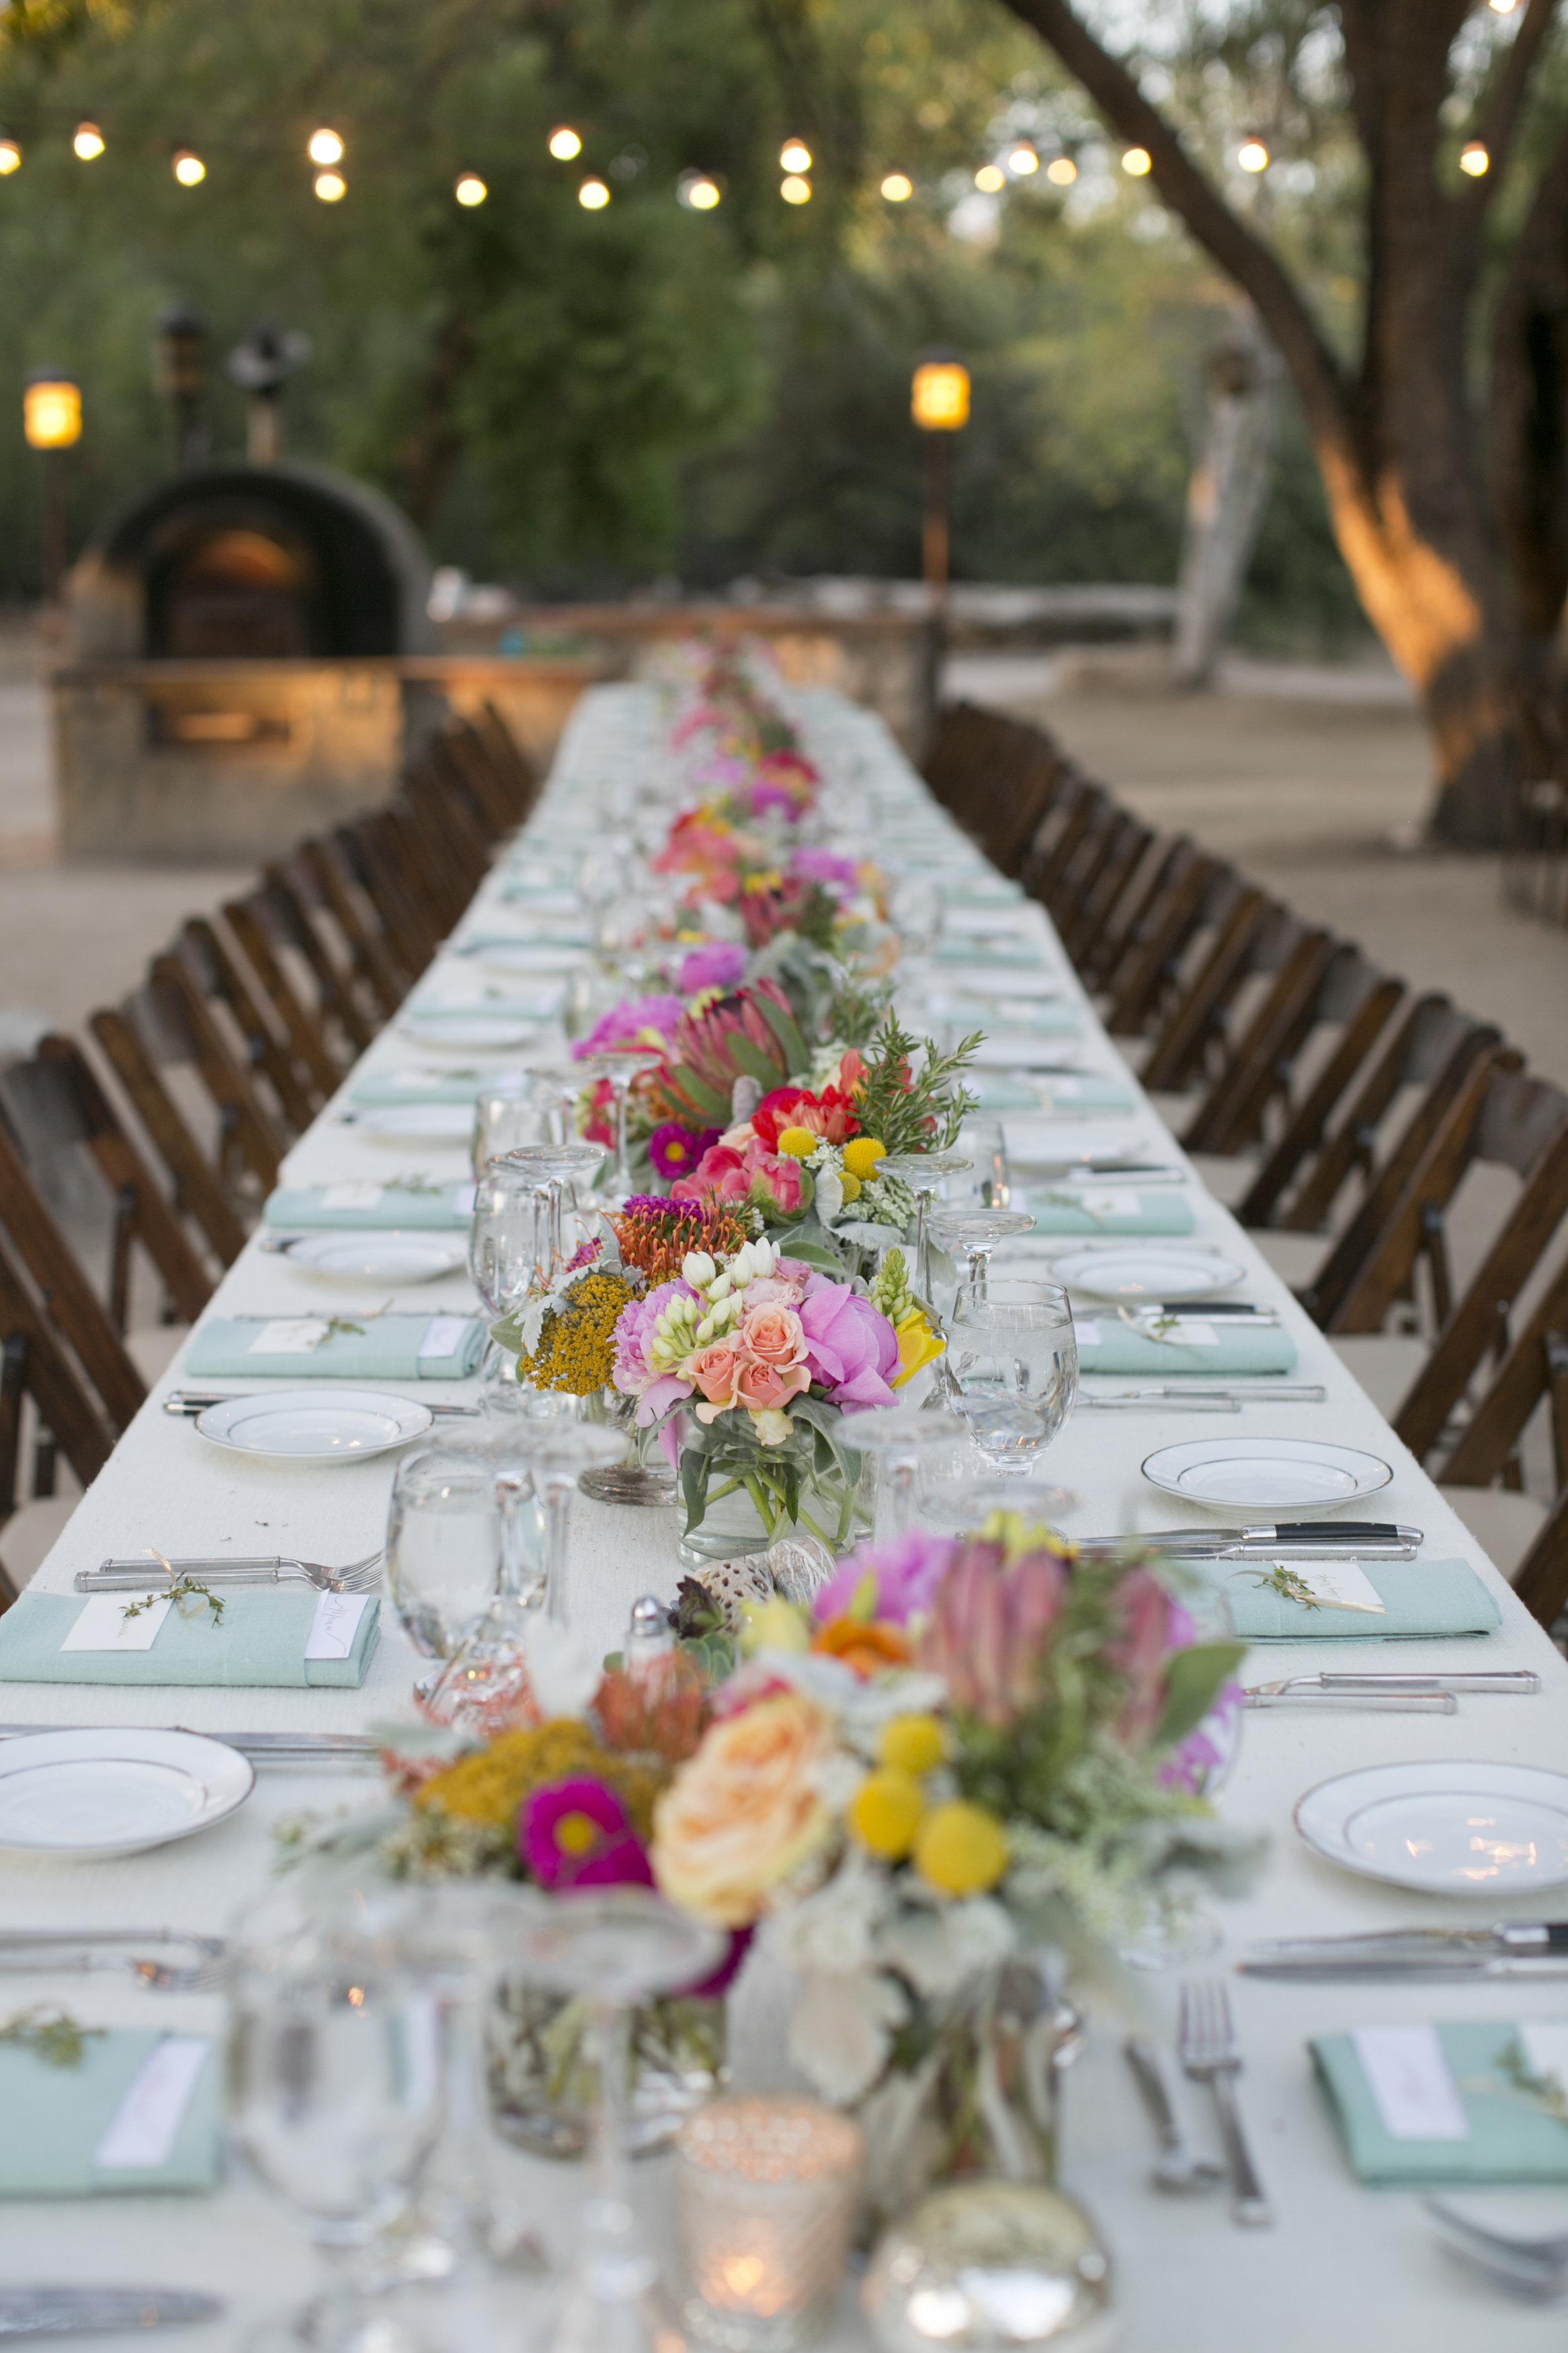 Ceci_New_York_Ceci_Style_Ceci_Johnson_Luxury_Lifestyle_Arizona_Wedding_Watercolor_Inspiration_Design_Custom_Couture_Personalized_Invitations_140.jpg